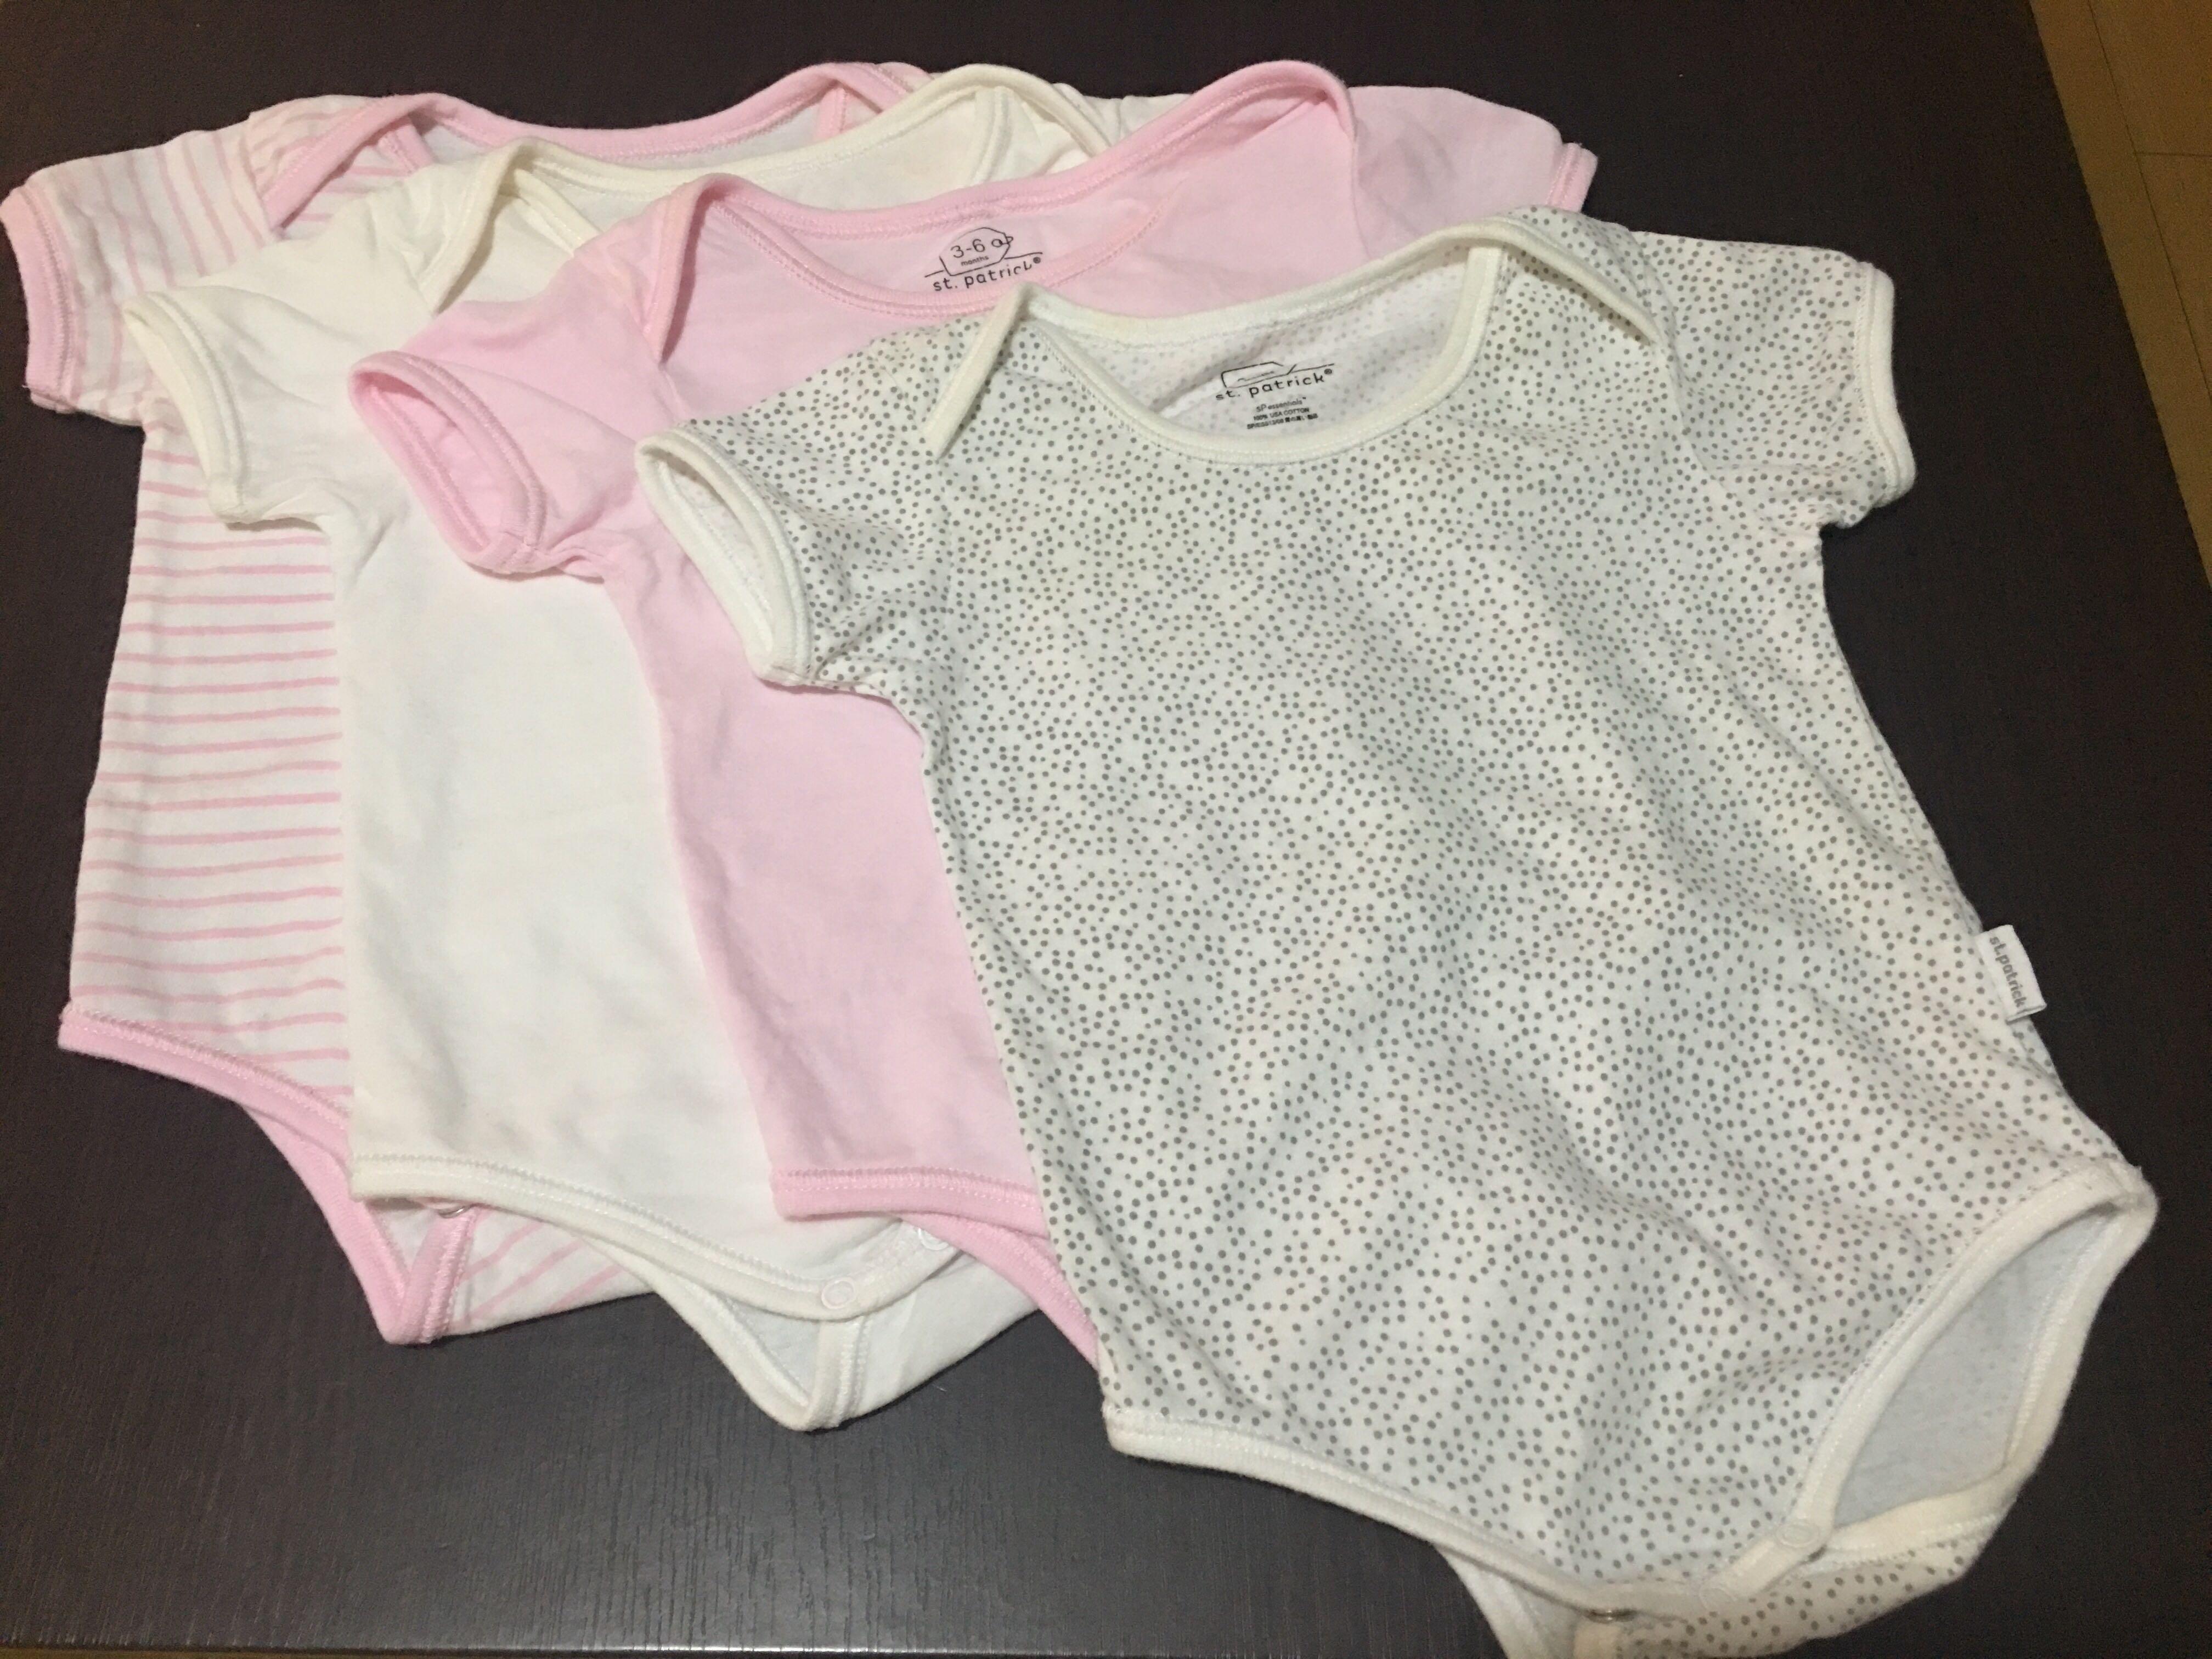 ec8b0f5f4712 Pre-loved Assorted Baby s Onesies